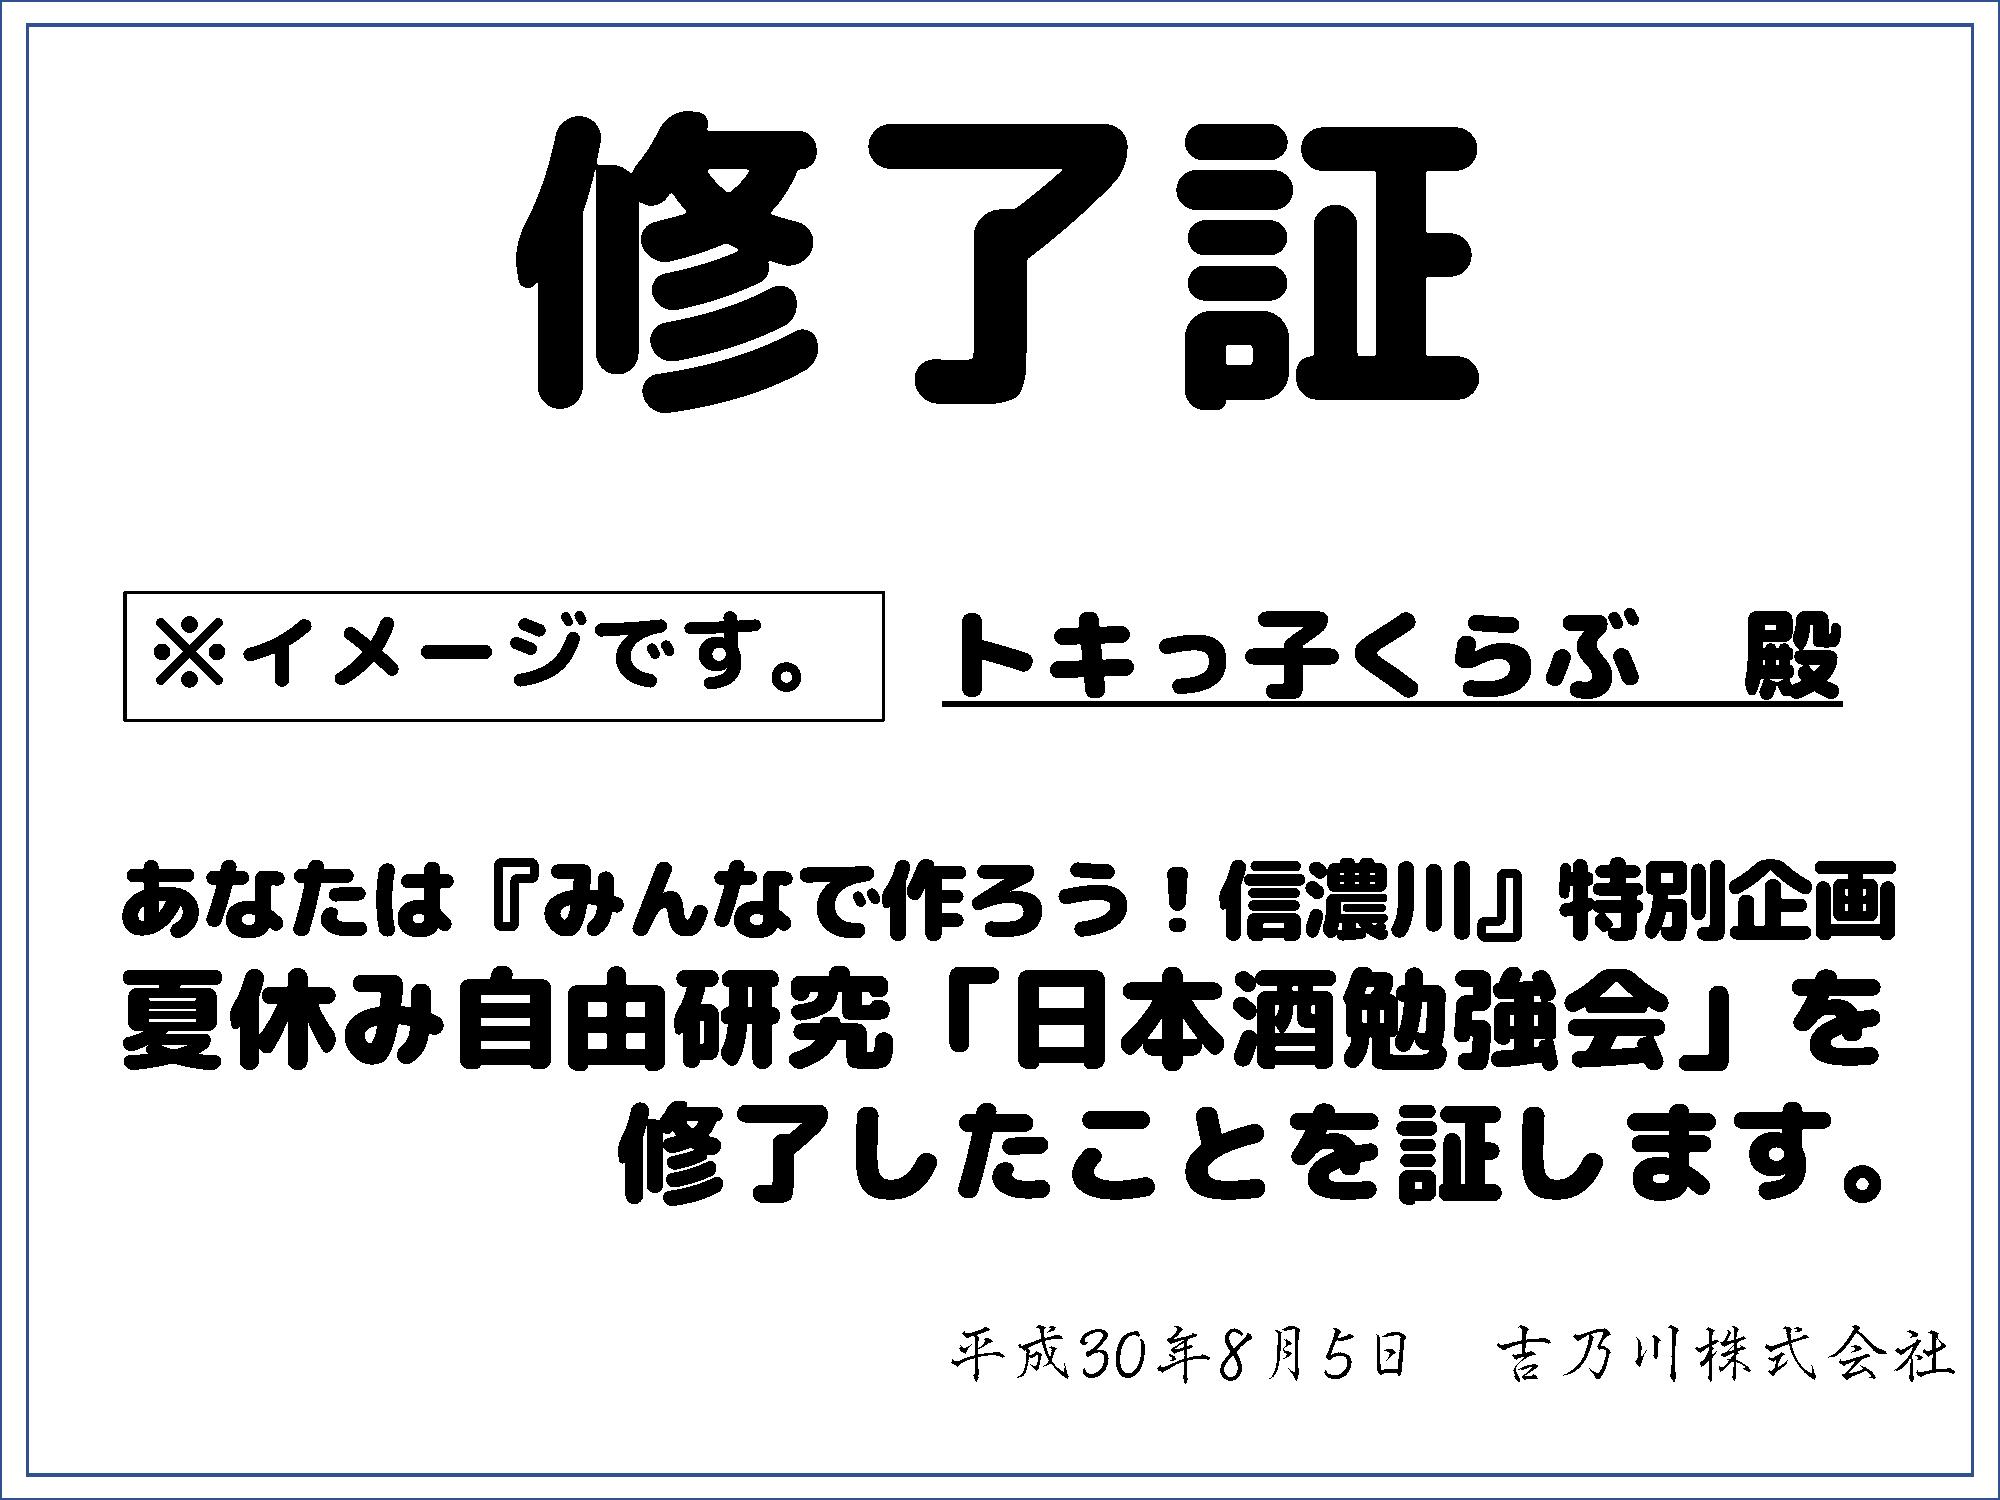 修了証:信濃川プロジェクト